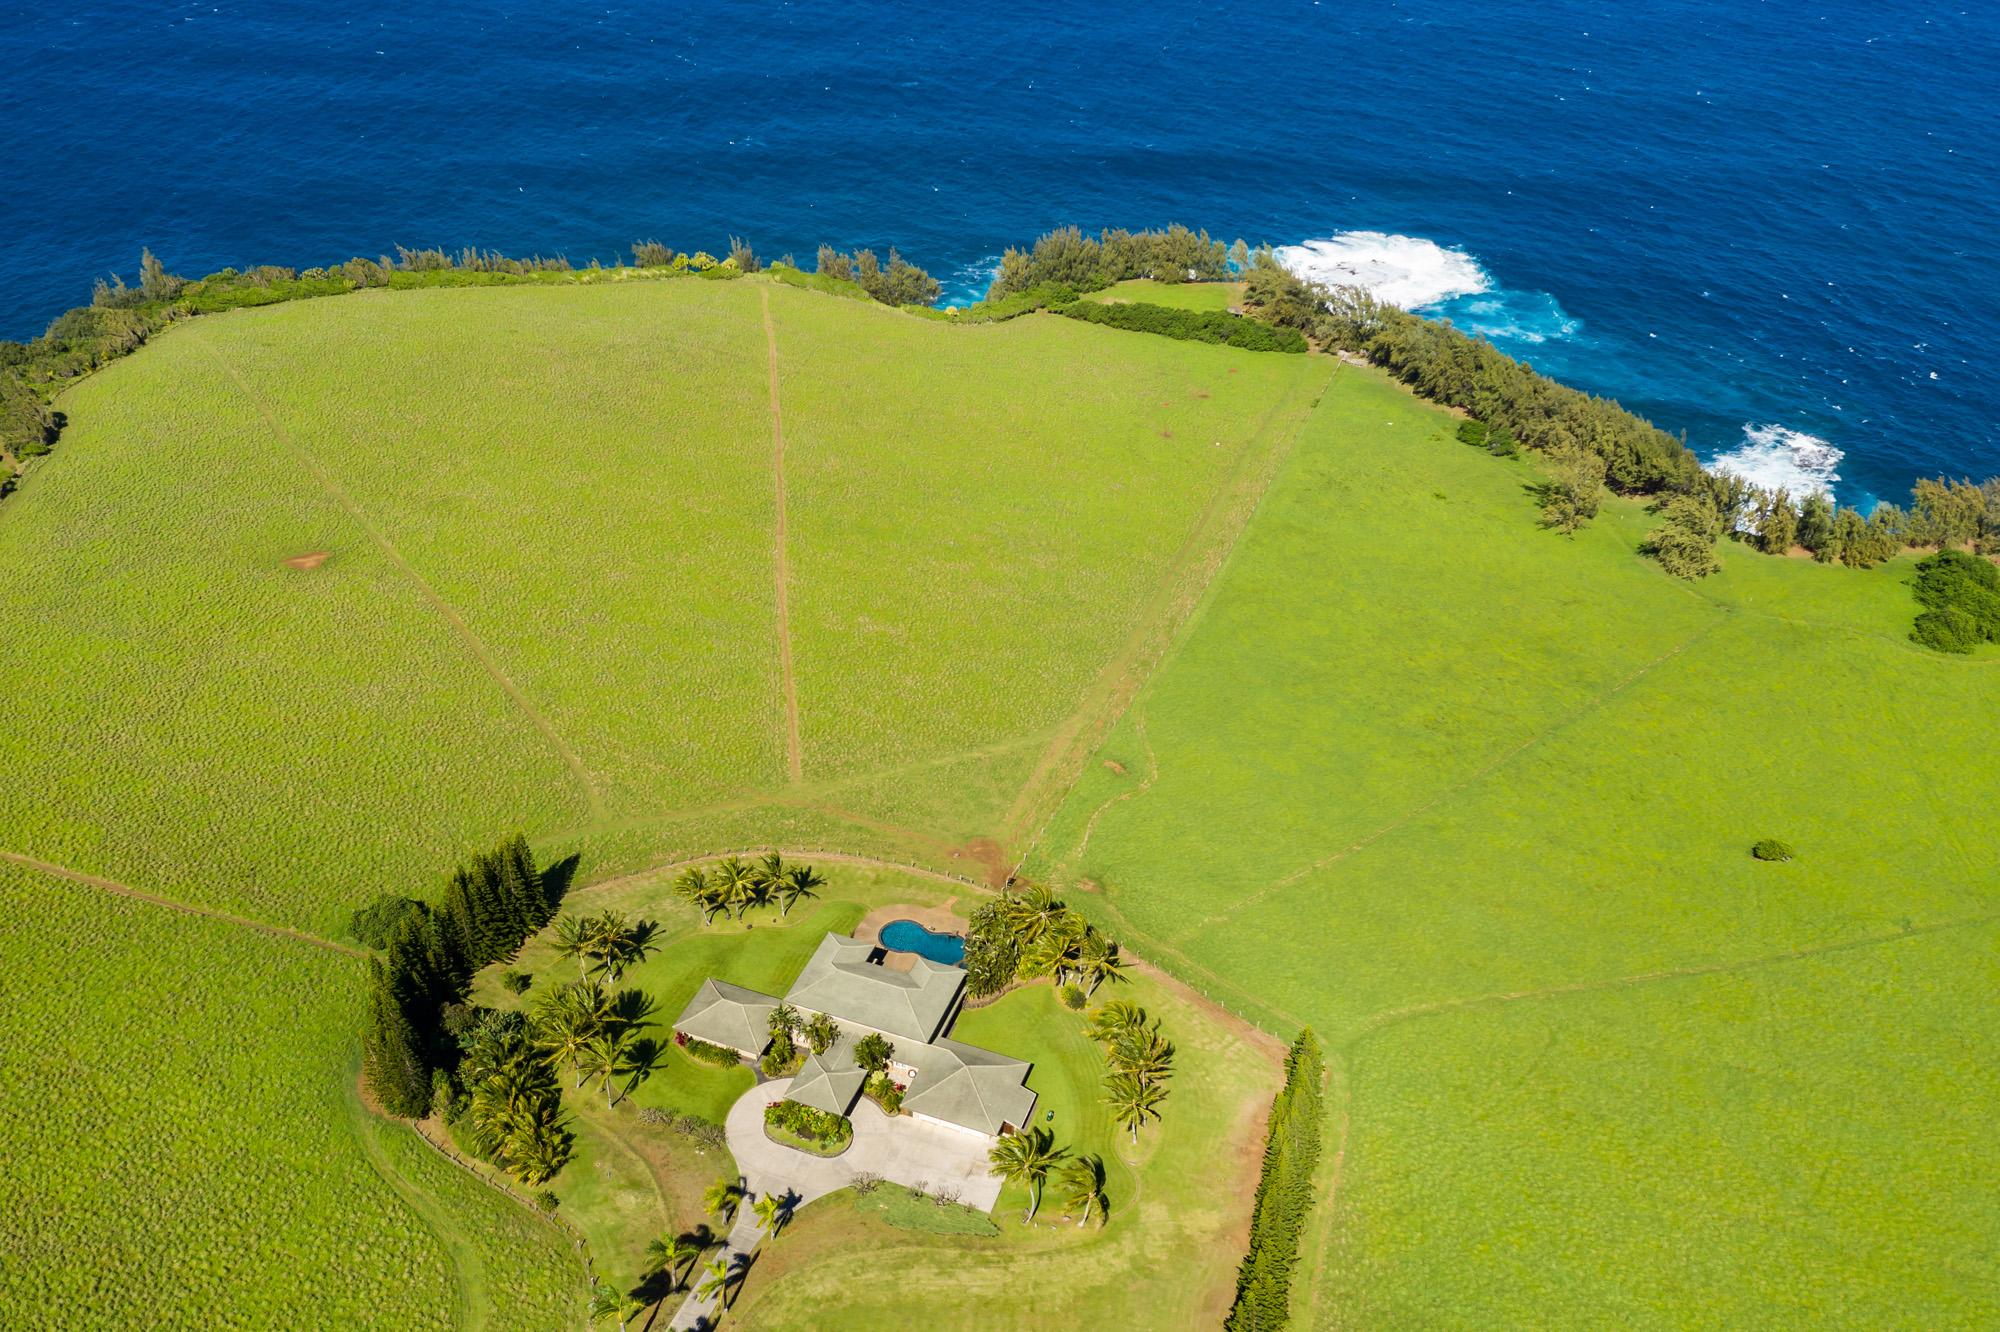 aerial house view of 600 Haumana maui hawaii